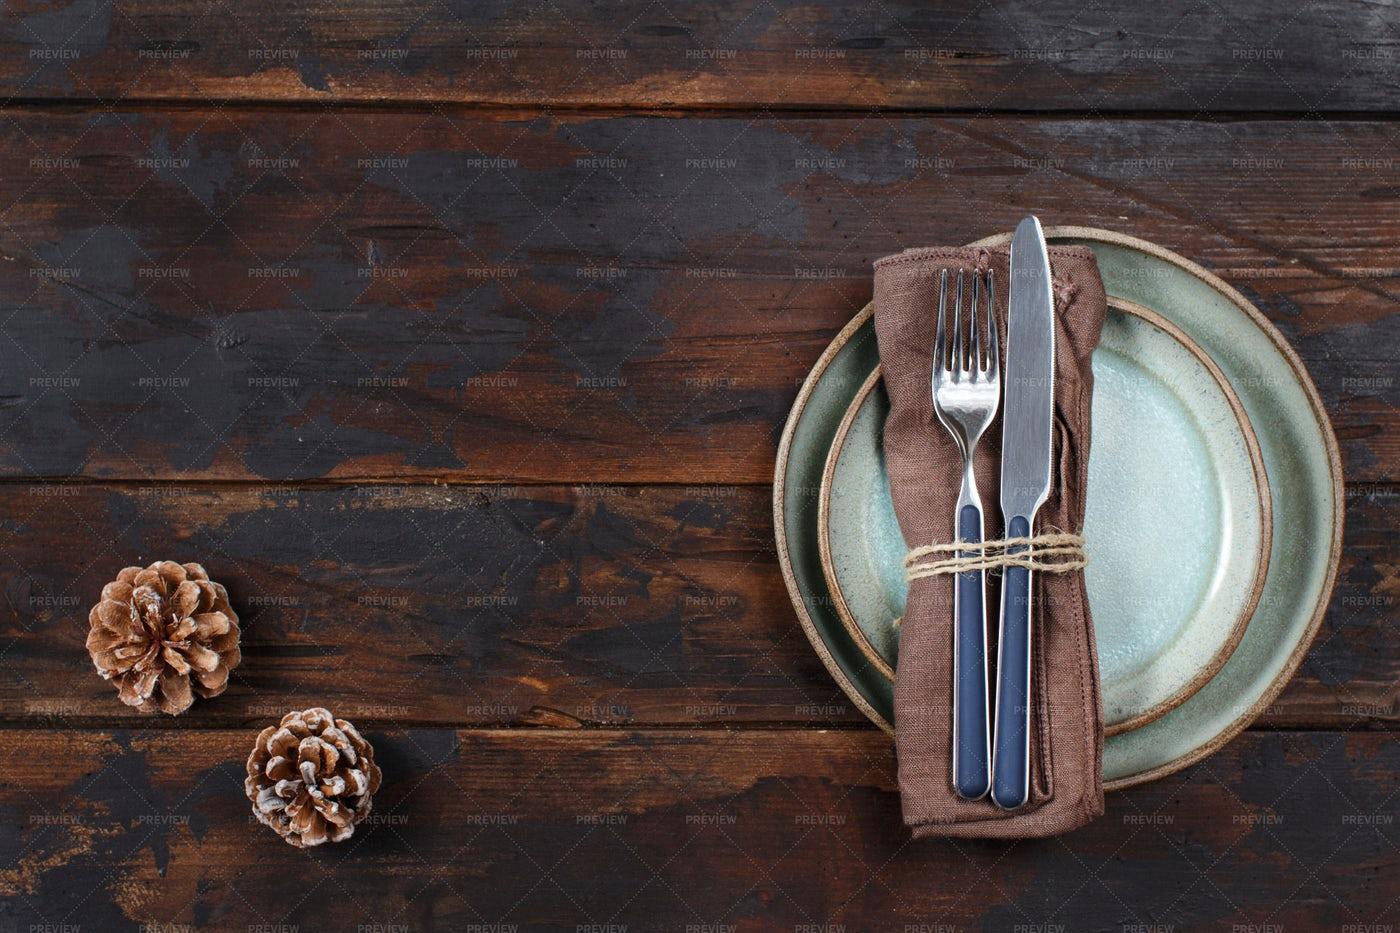 Festive Table Place: Stock Photos